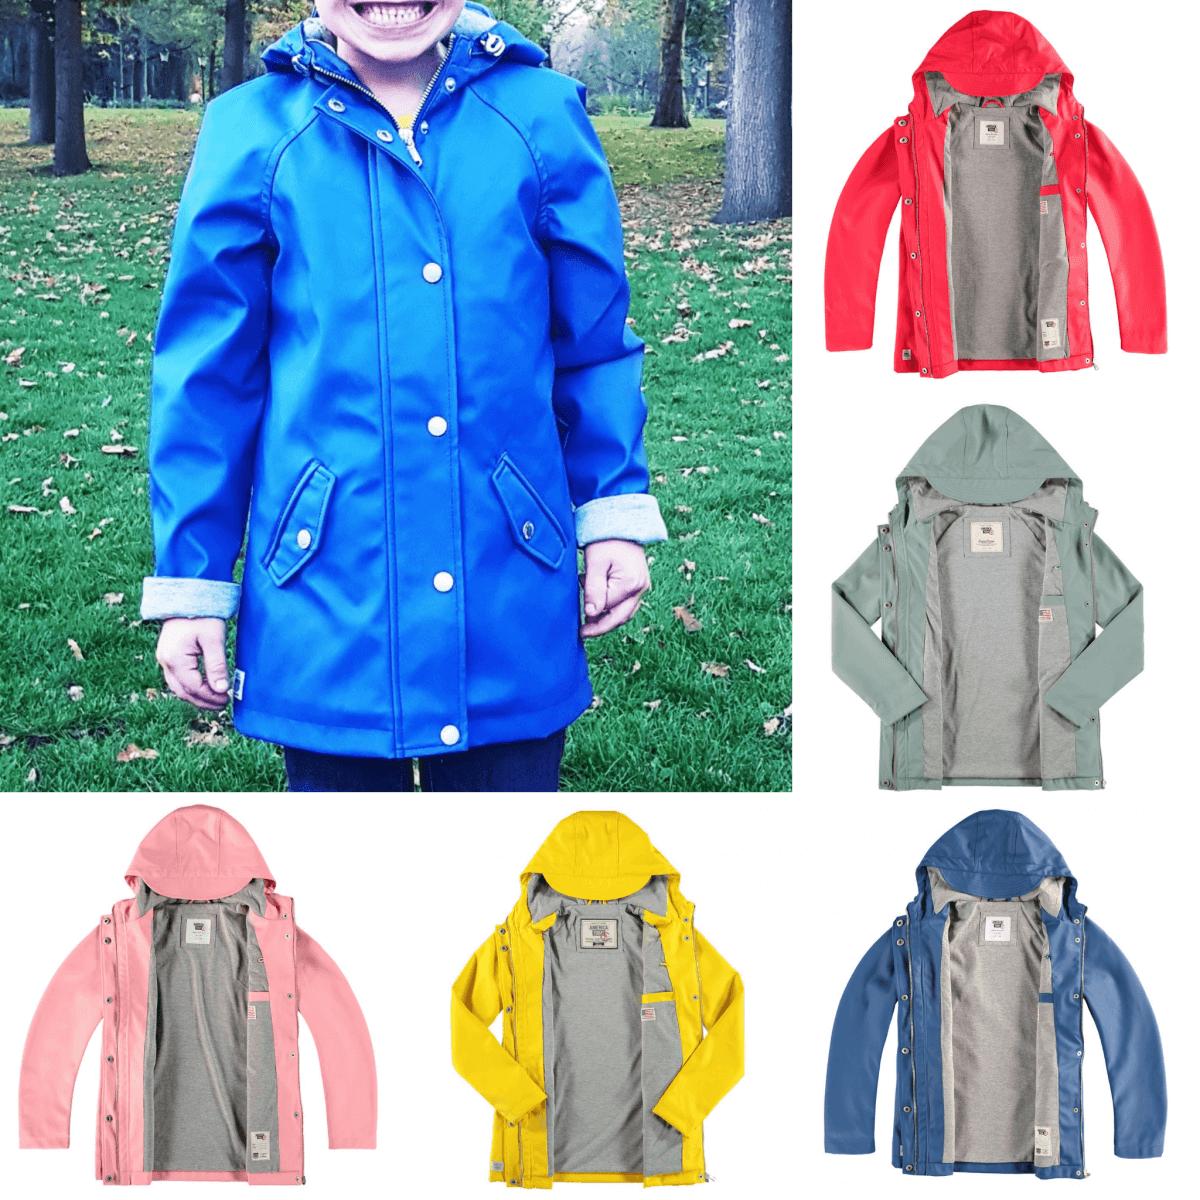 Kleurrijke unisex regenjas voor jongens en meisjes